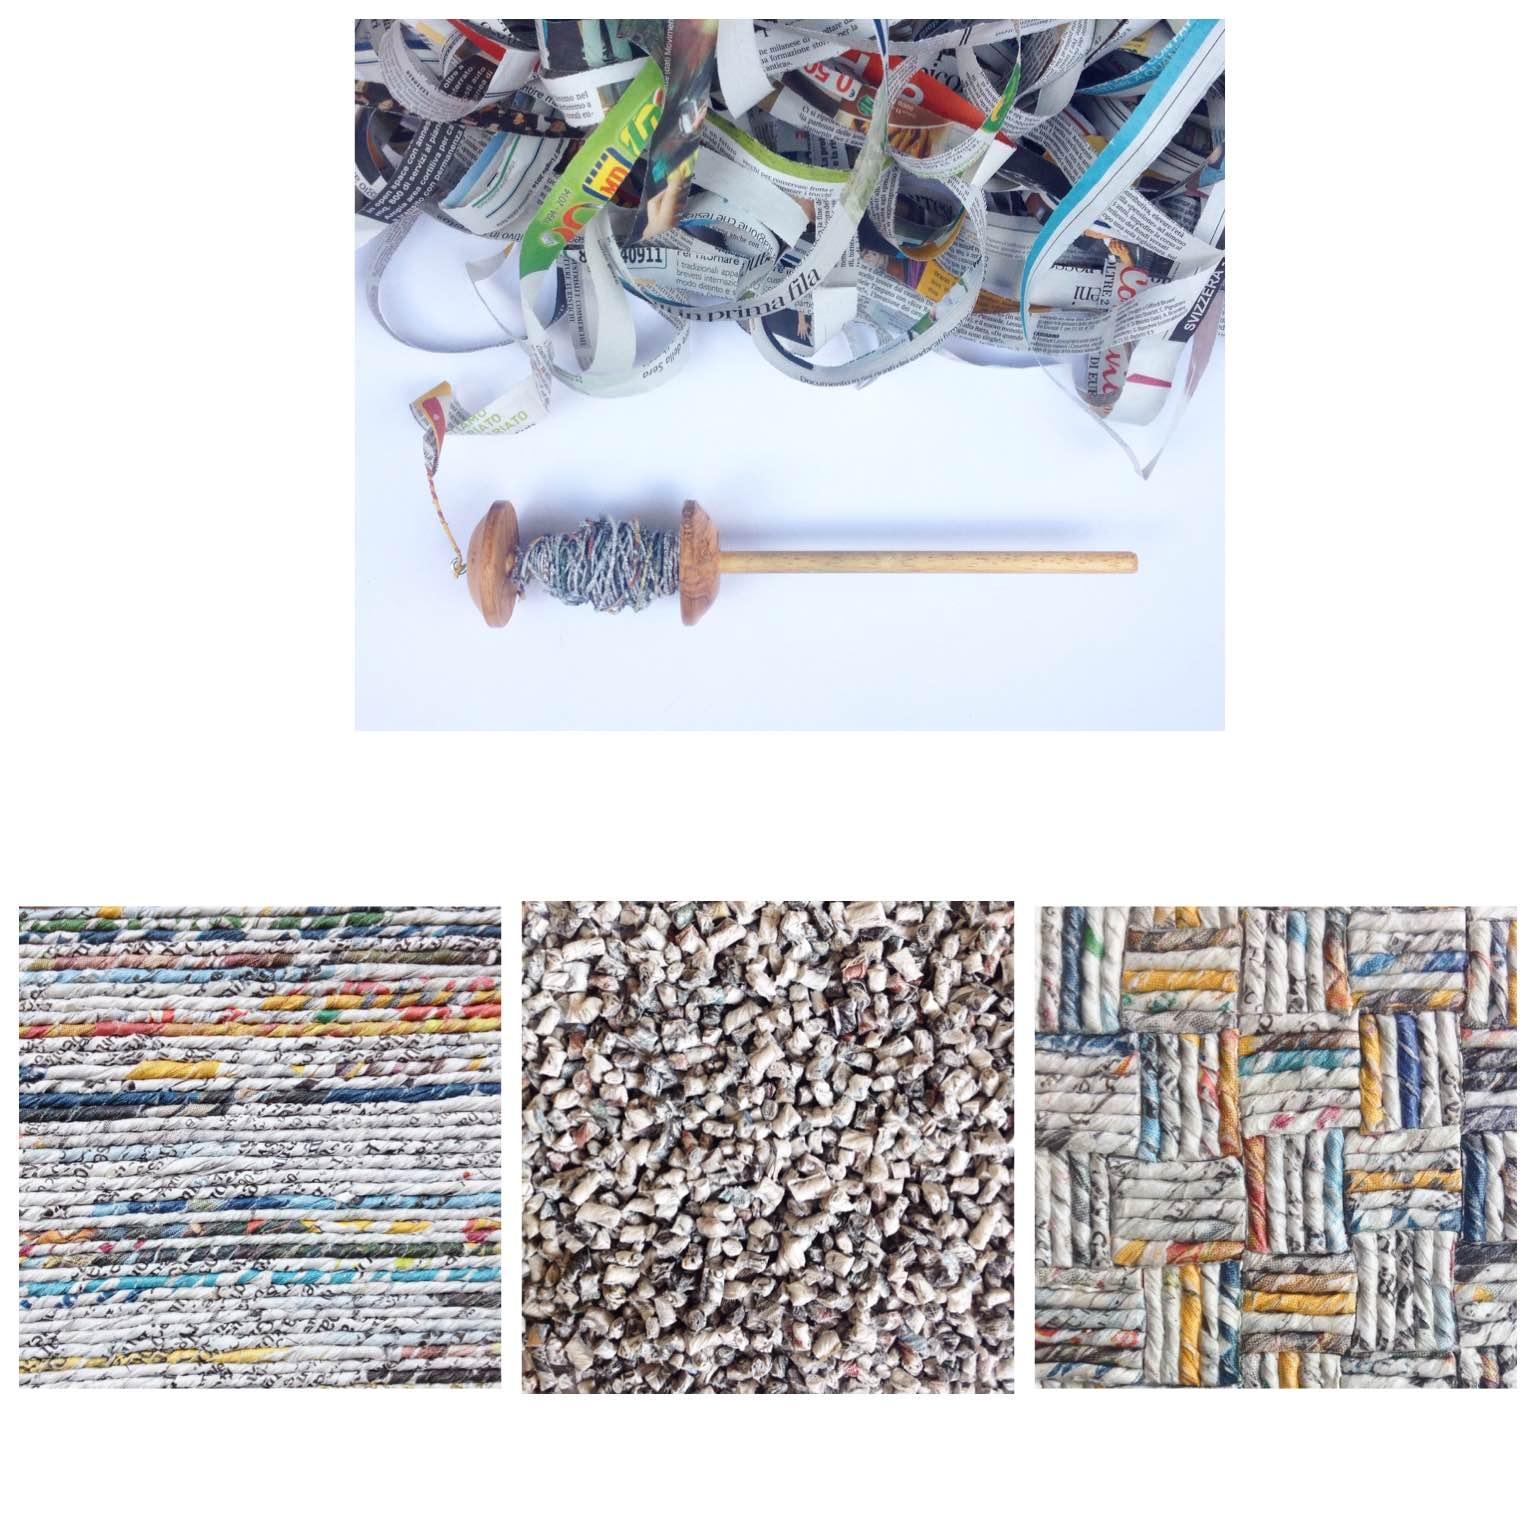 CARTALANA – Textures, filatura della carta e……..un po' di legatoria!